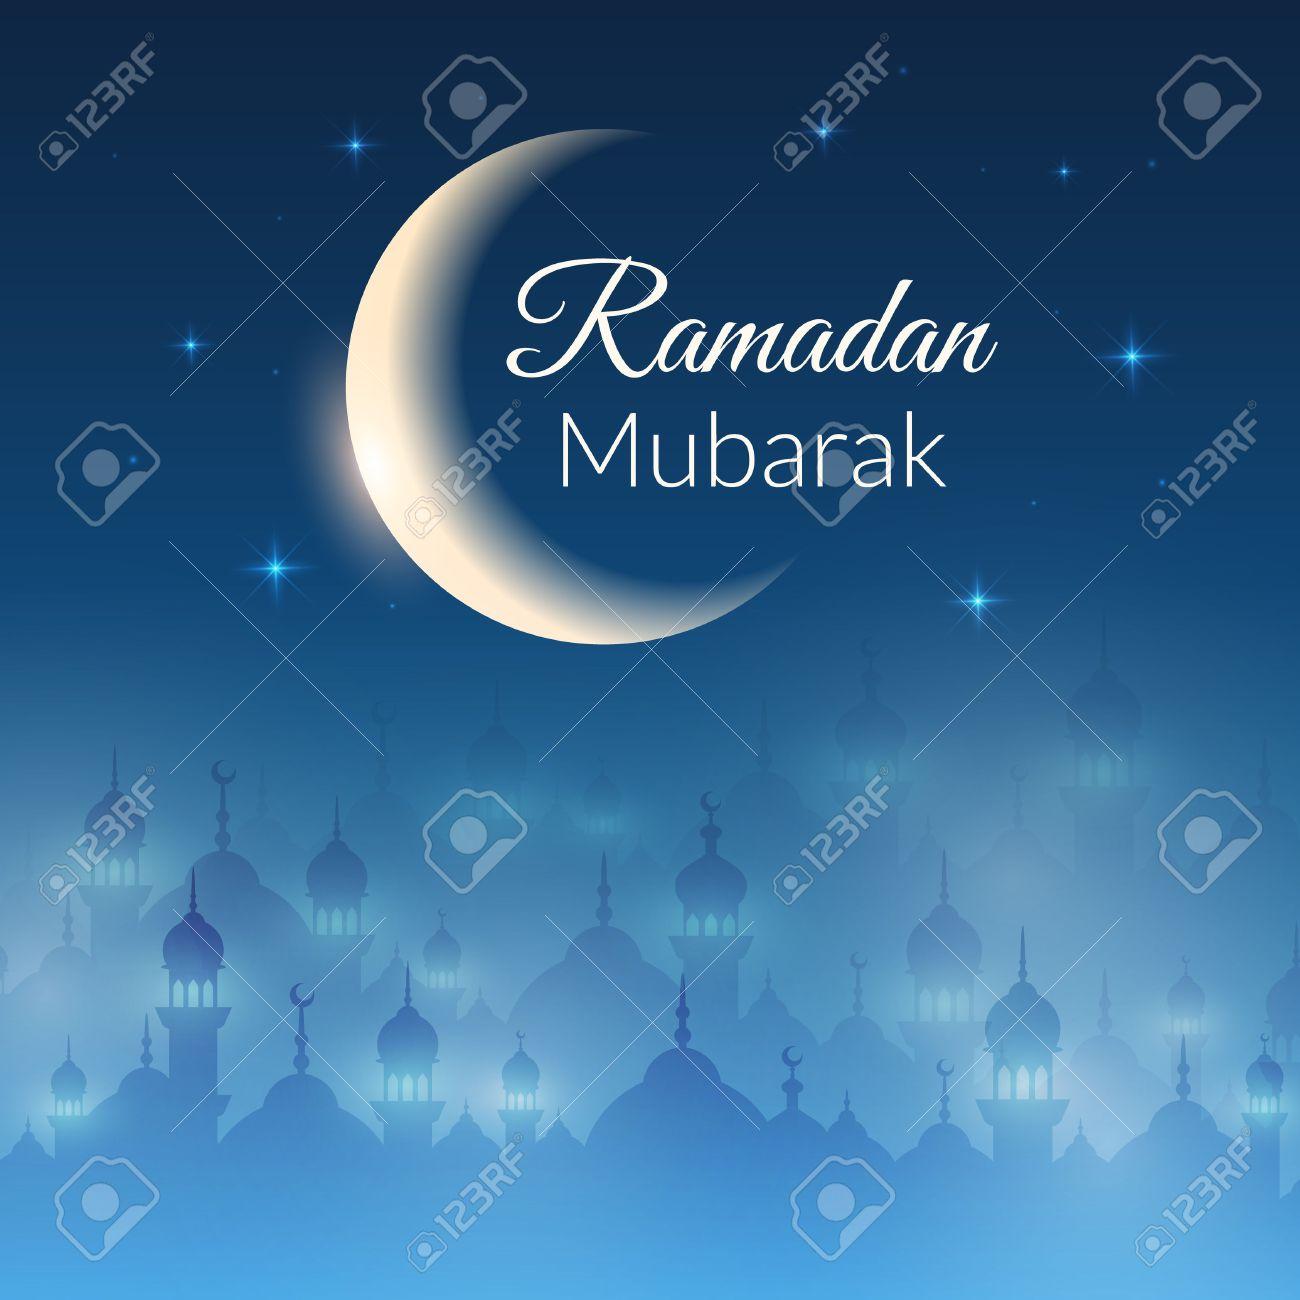 モスクとライト 月の夜の風景の壁紙の星します イスラム教徒の